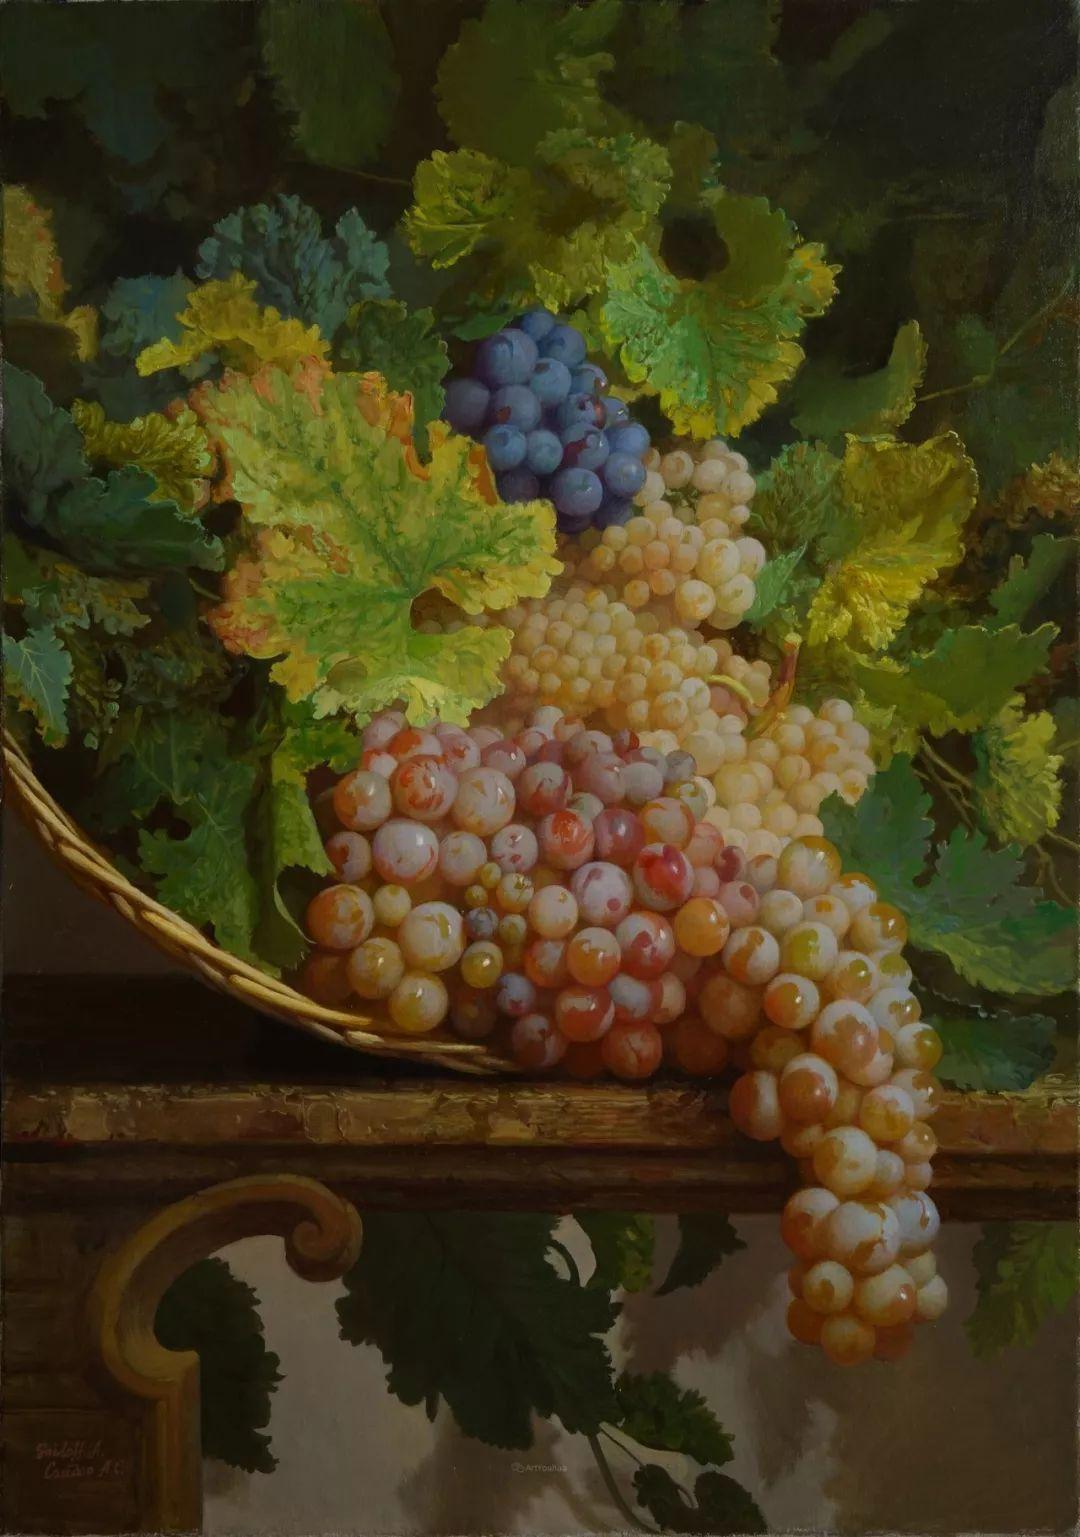 非常丰盛,静物水果!俄罗斯画家亚历山大·赛义多夫作品一插图26